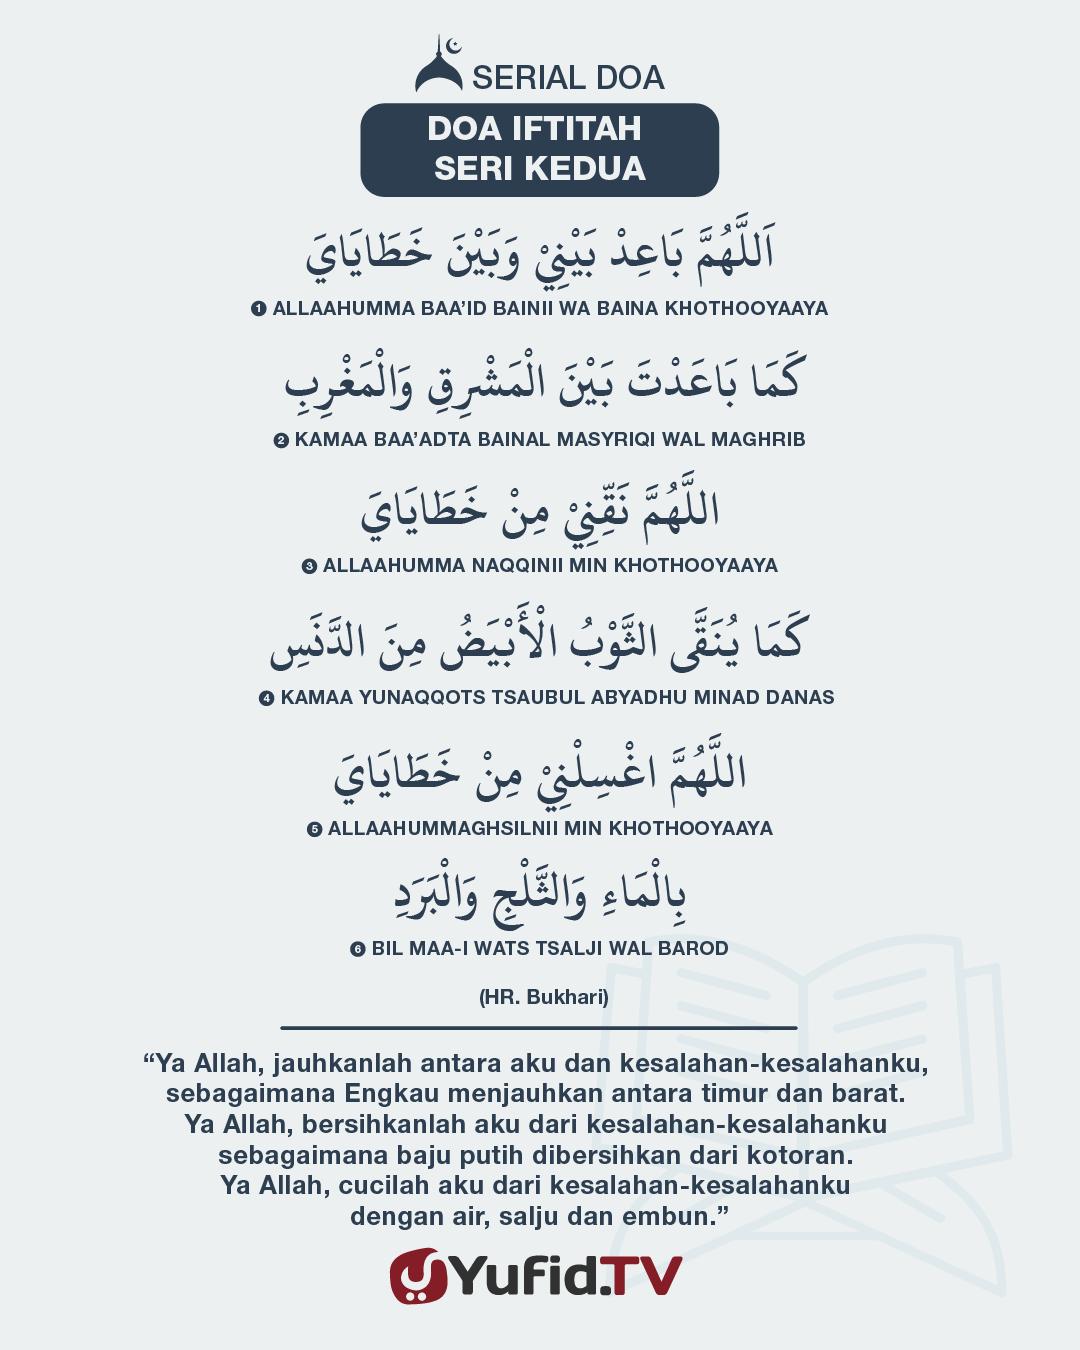 Serial Doa Iftitah: Seri Kedua